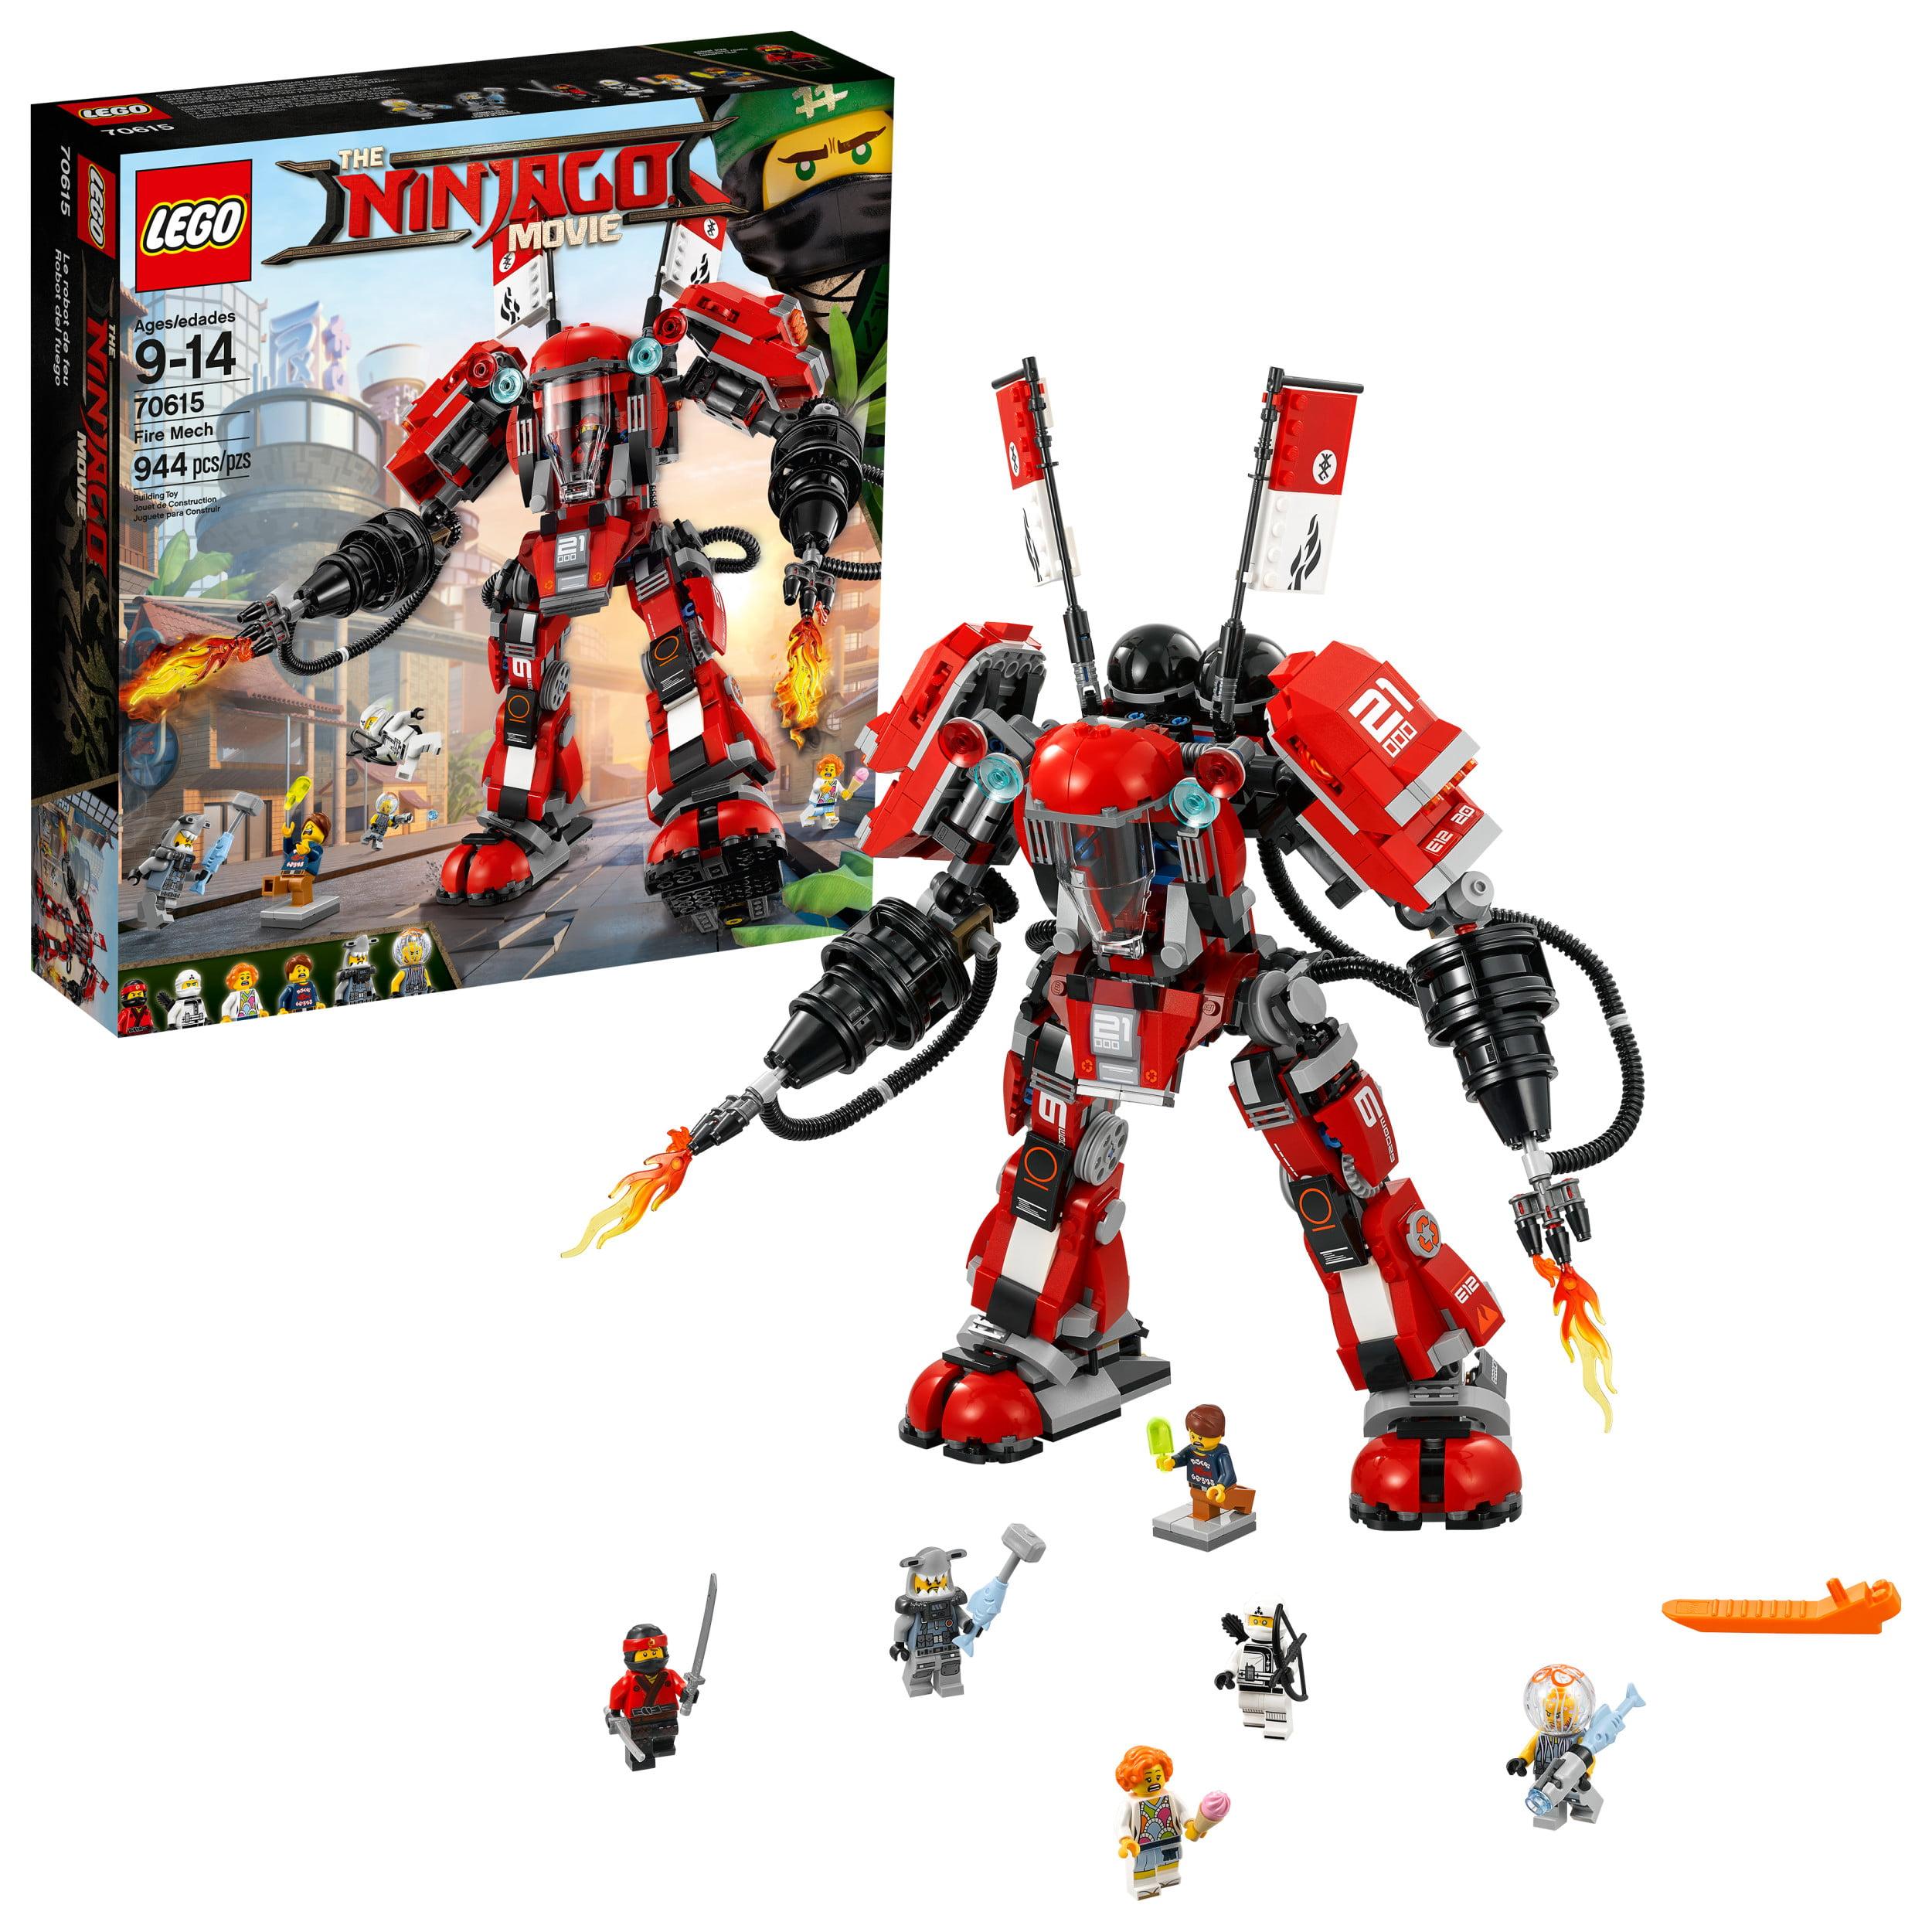 LEGO Ninjago Movie Fire Mech 70615 Building Set (944 Pieces)